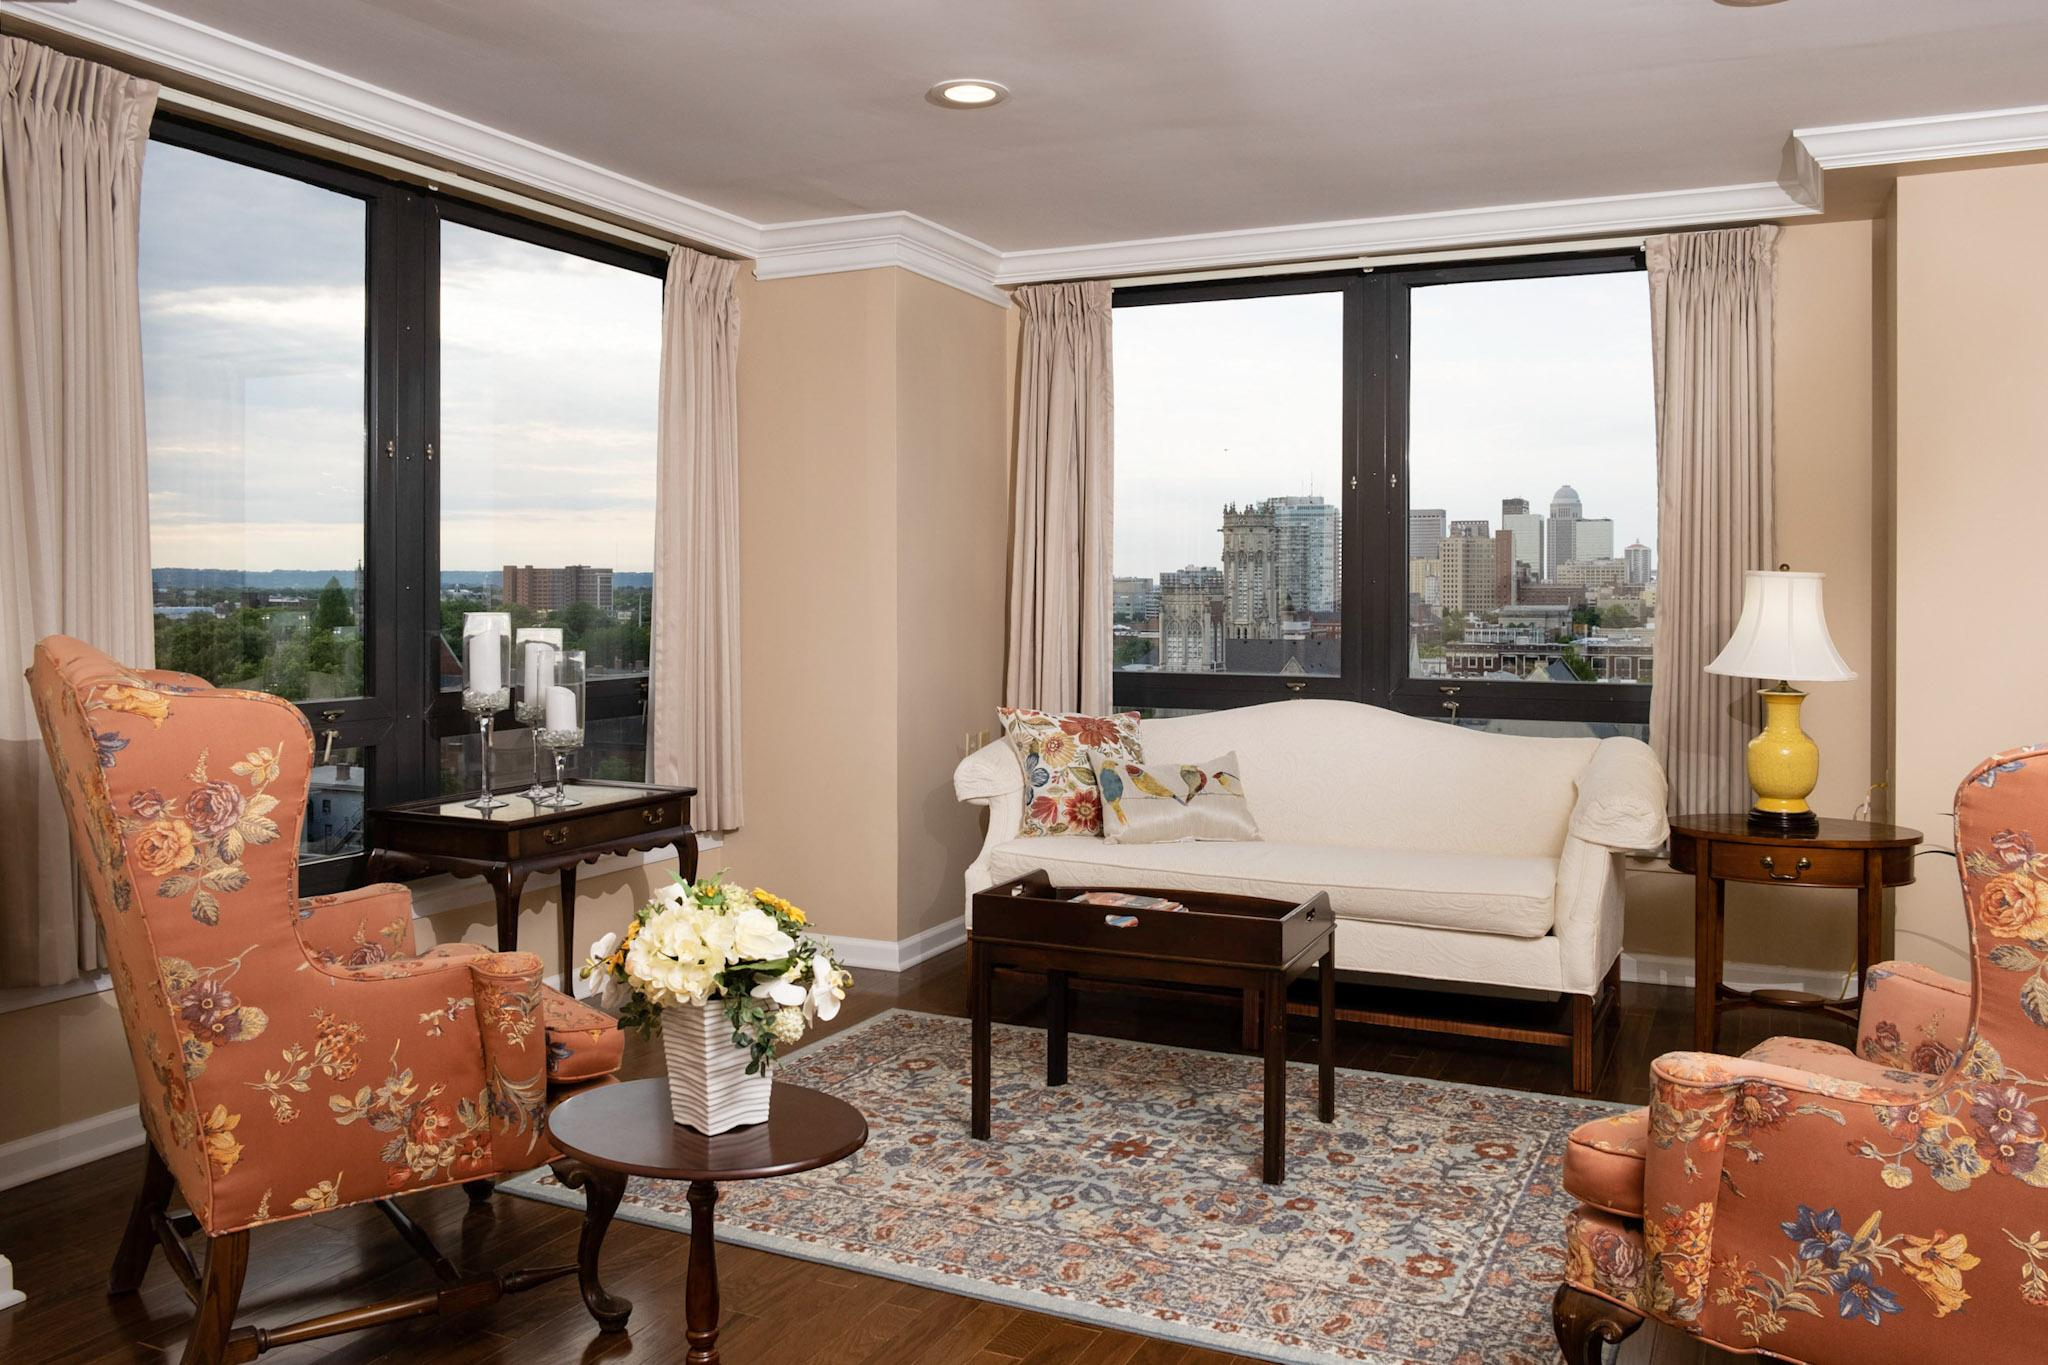 Apartment 1111 interior